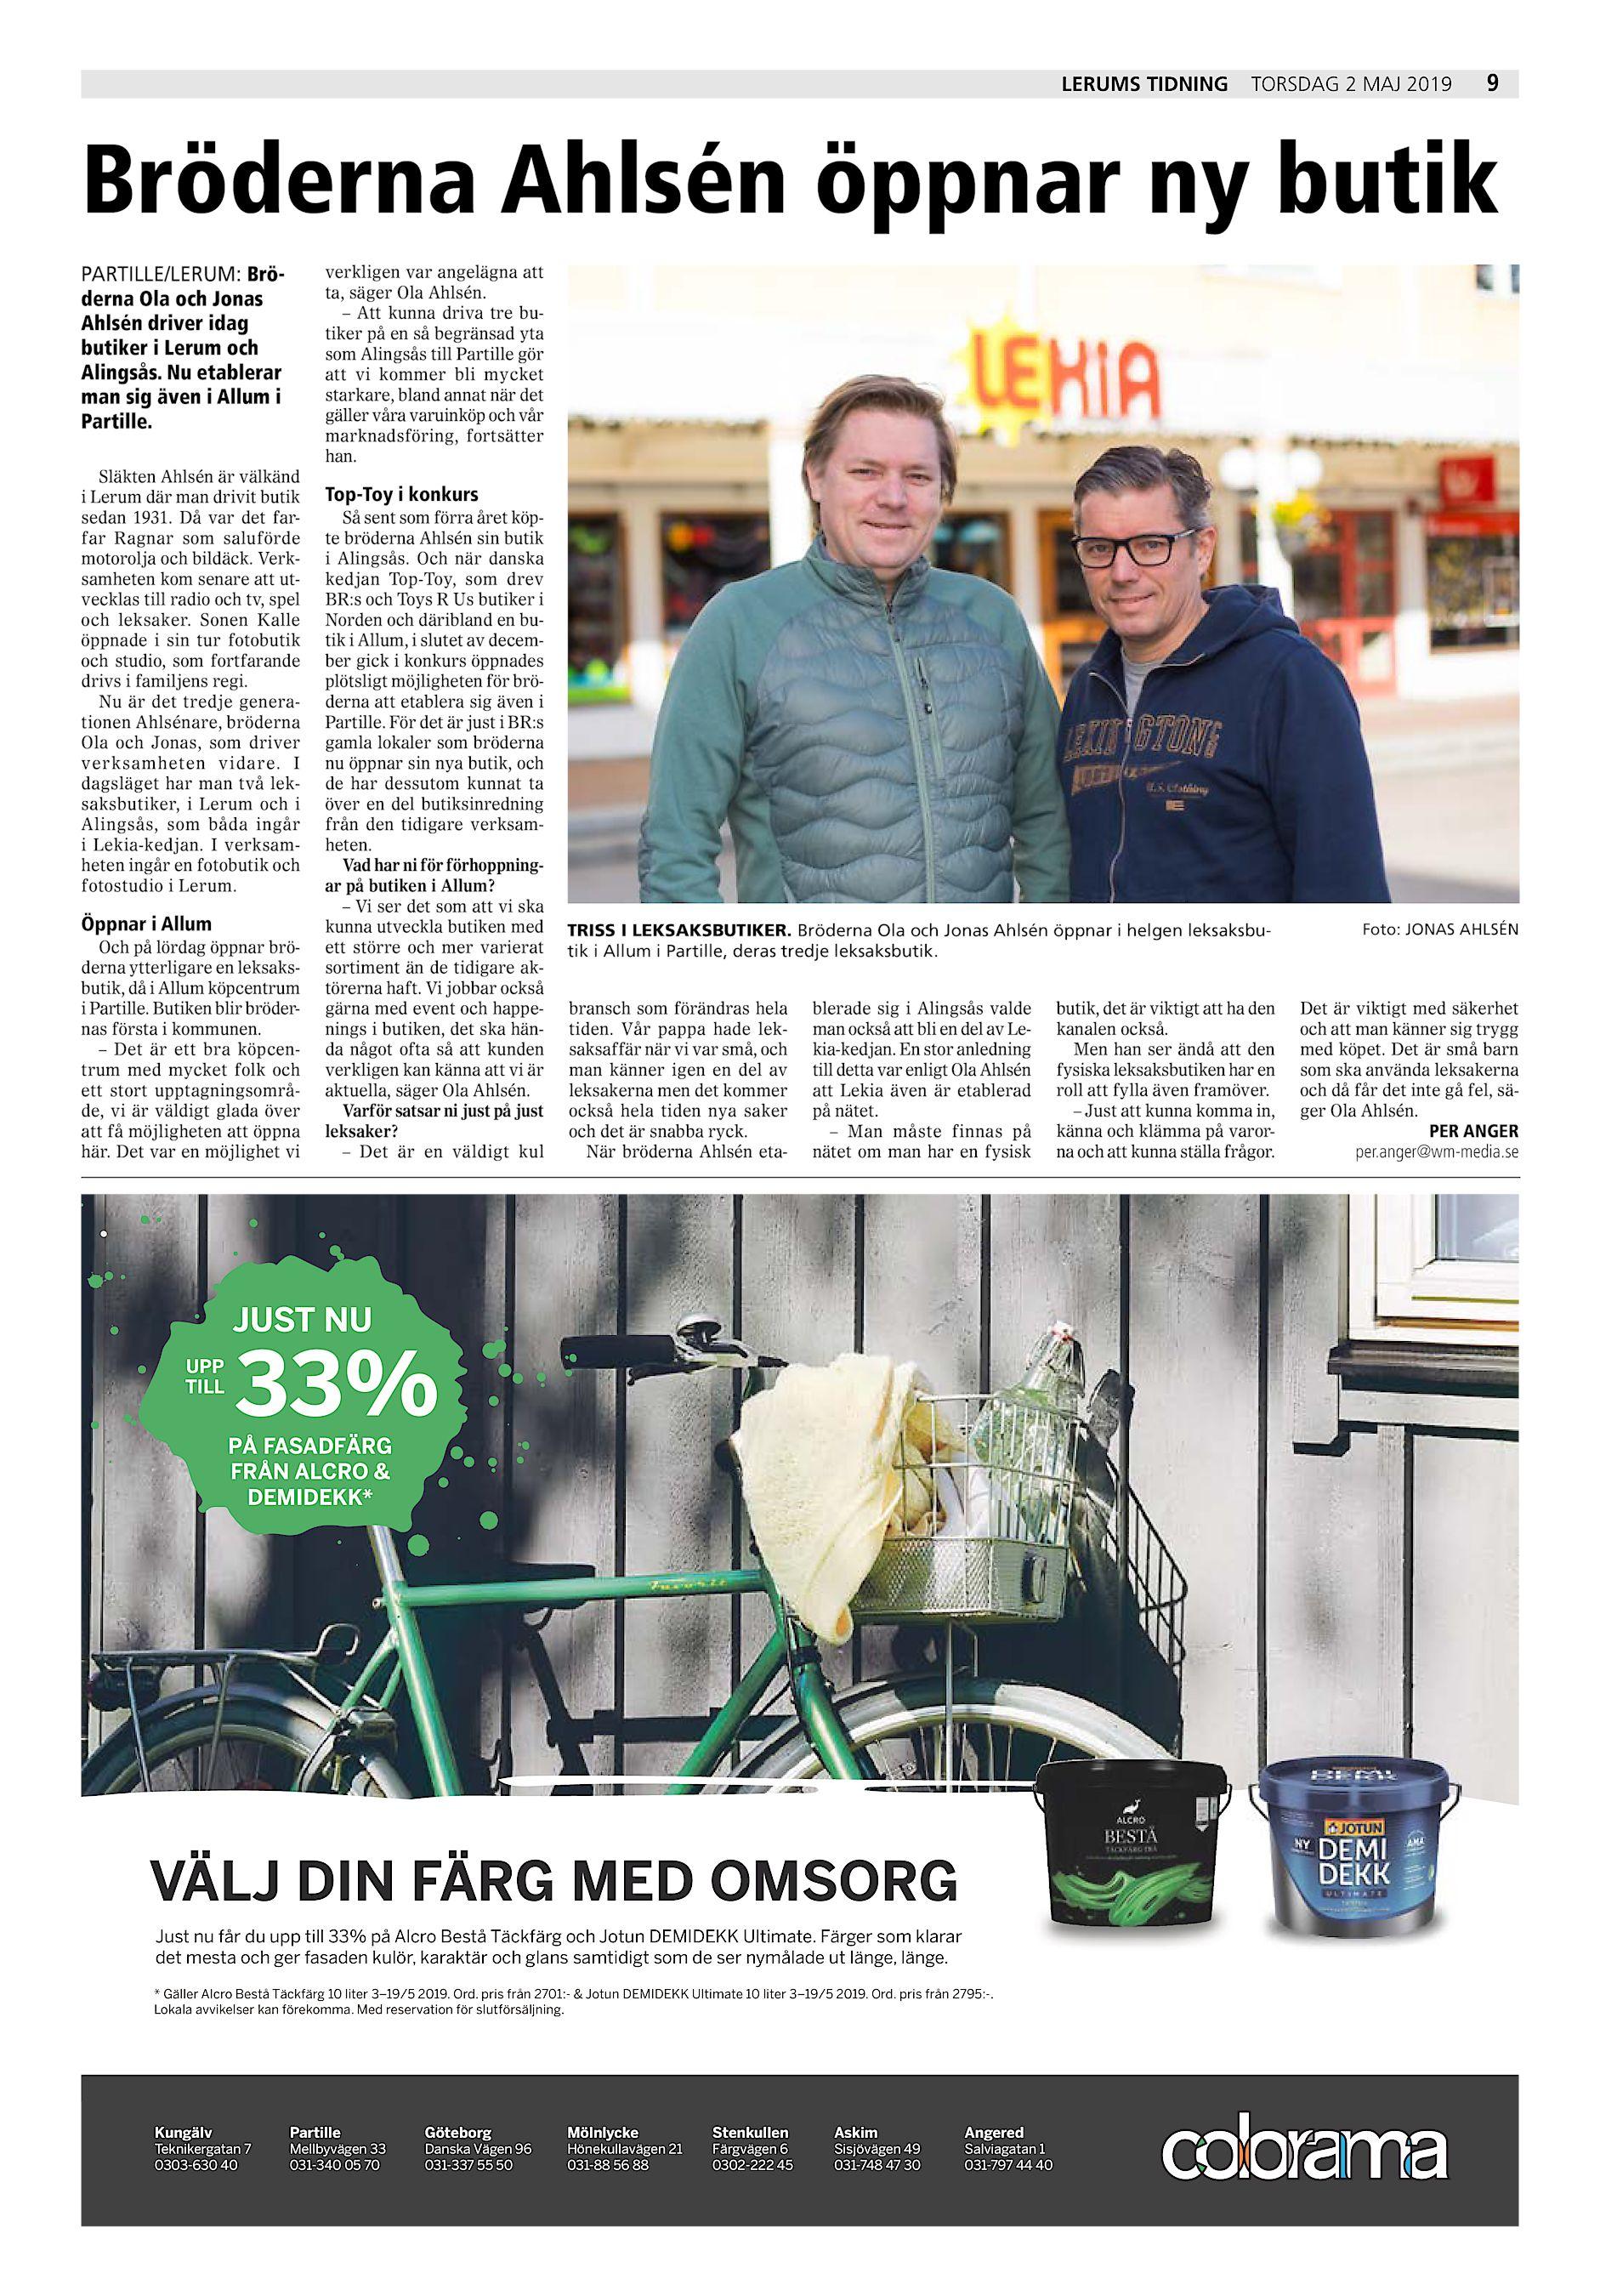 990c0fa30059 ... 2019 9 Bröderna Ahlsén öppnar ny butik PARTILLE/LERUM: Bröderna Ola och  Jonas Ahlsén driver idag butiker i Lerum och Alingsås. Nu etablerar man sig  även ...